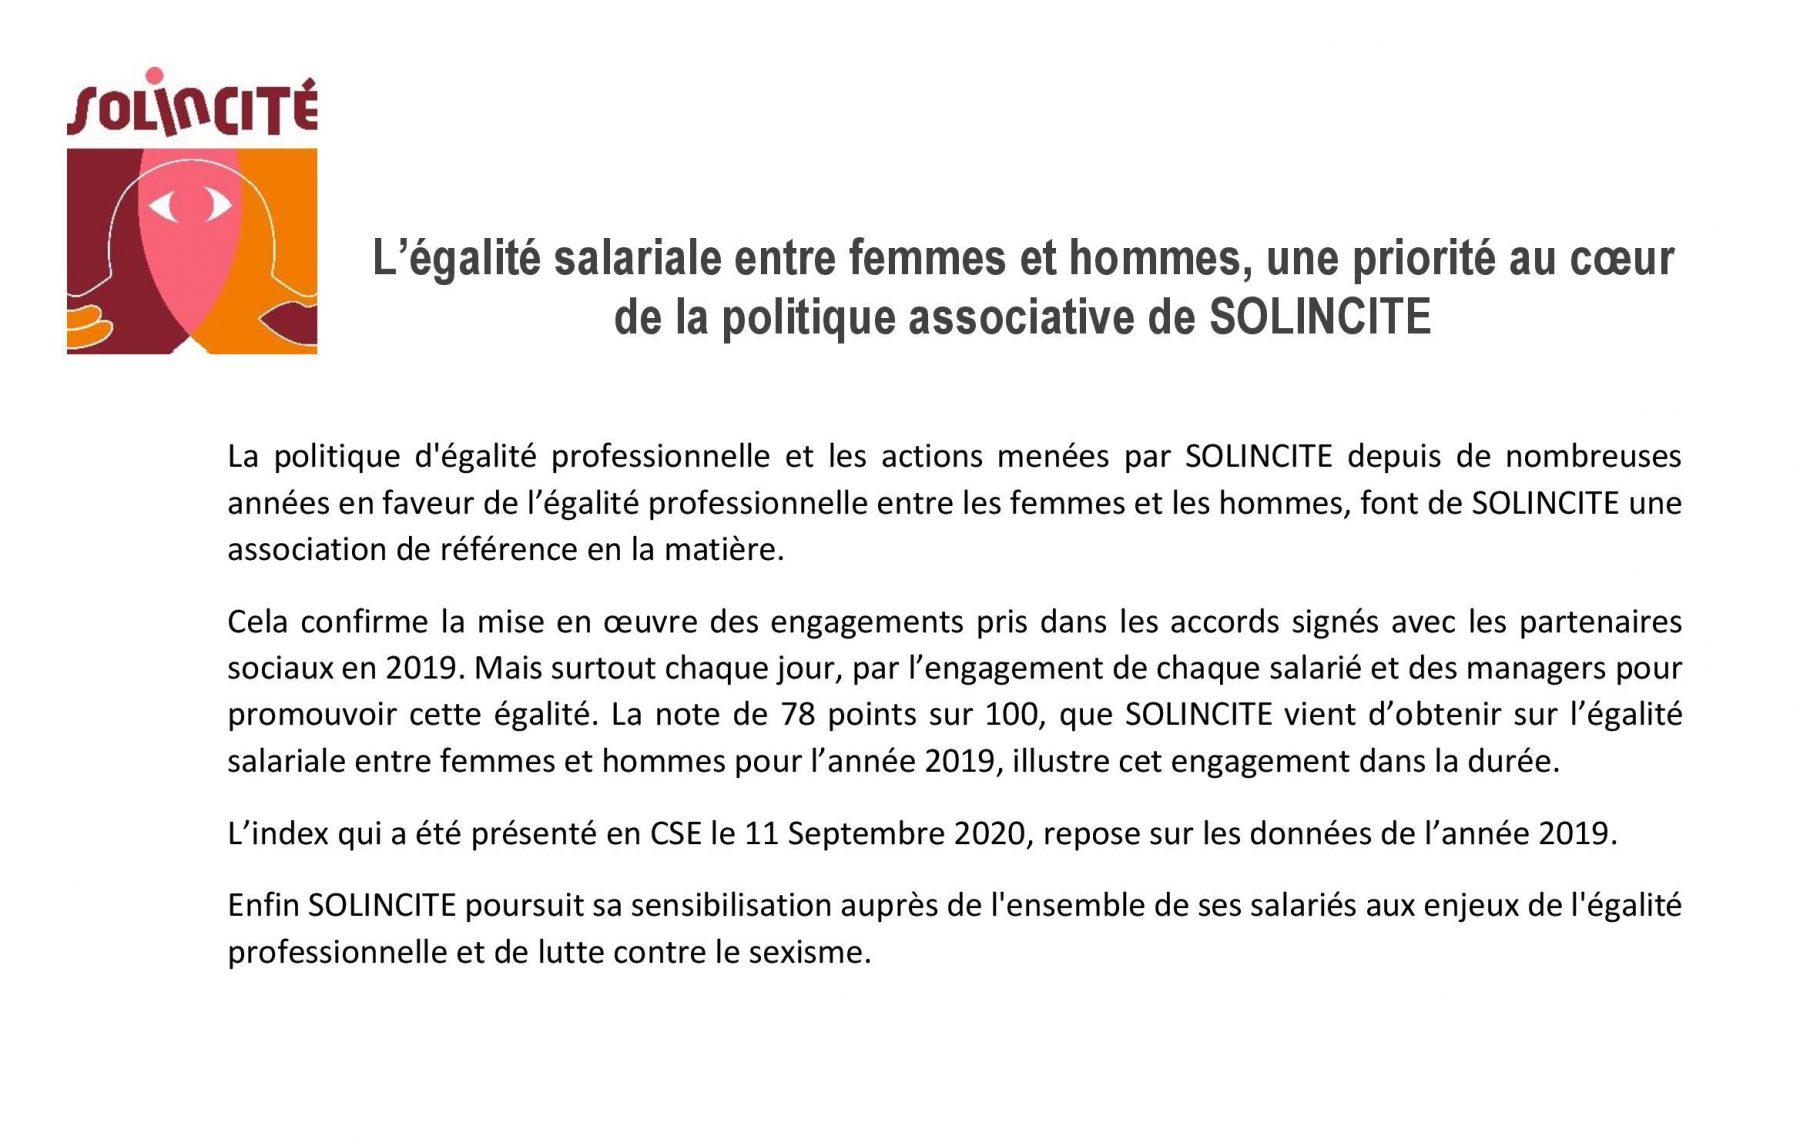 L'égalité salariale entre femmes et hommes, une priorité au coeur de la politique associative de SOLINCITE !